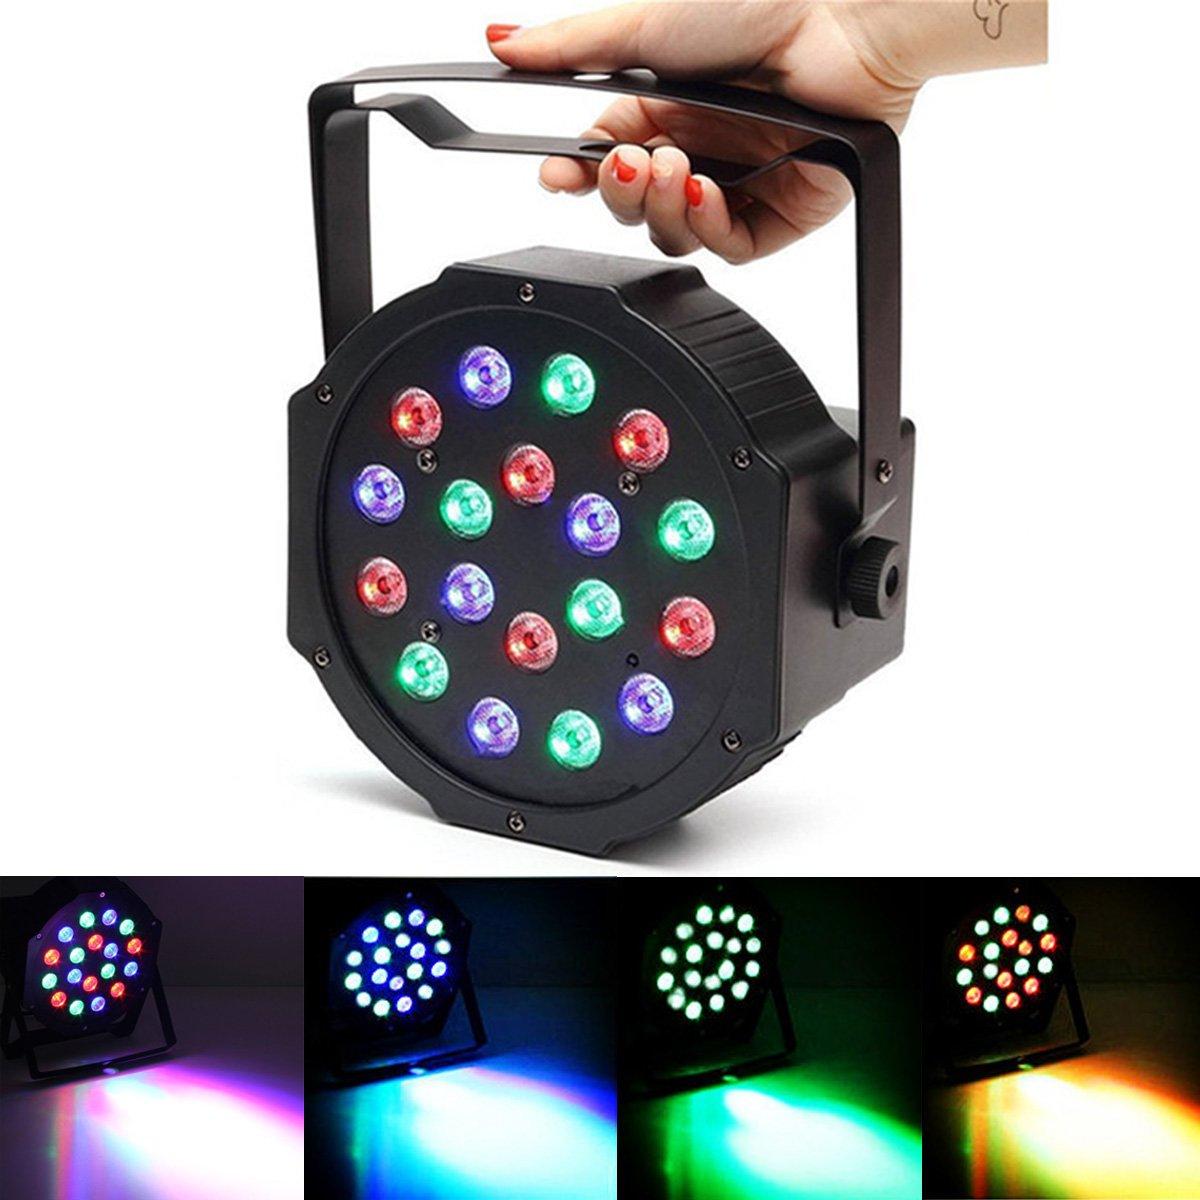 18w Lampe Solmore Disco Par De Led Scène Projecteur Dmx512 rxCBWQdoe